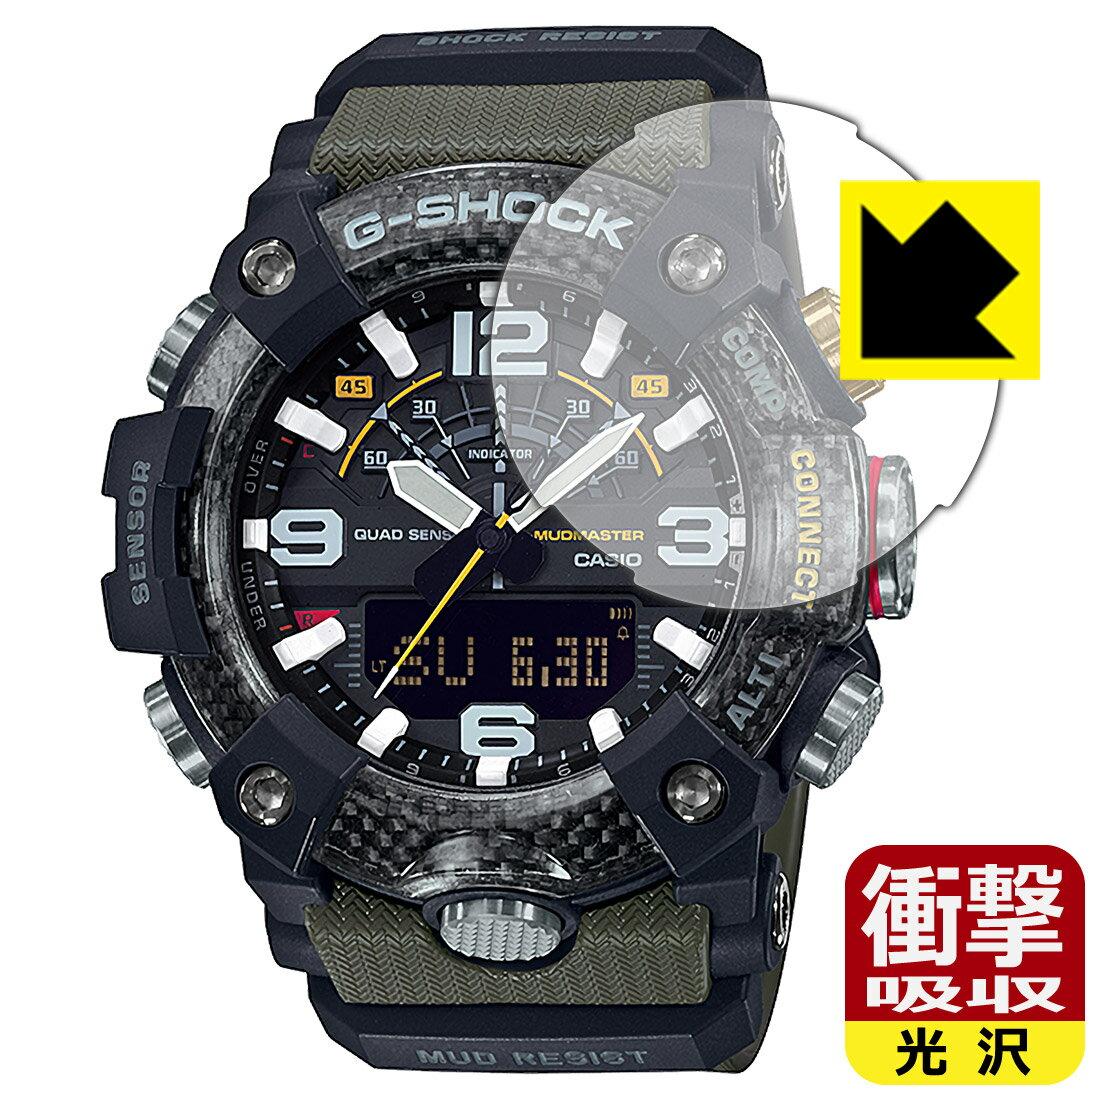 腕時計用アクセサリー, その他  G-SHOCK GG-B100 RCPsmtb-kd